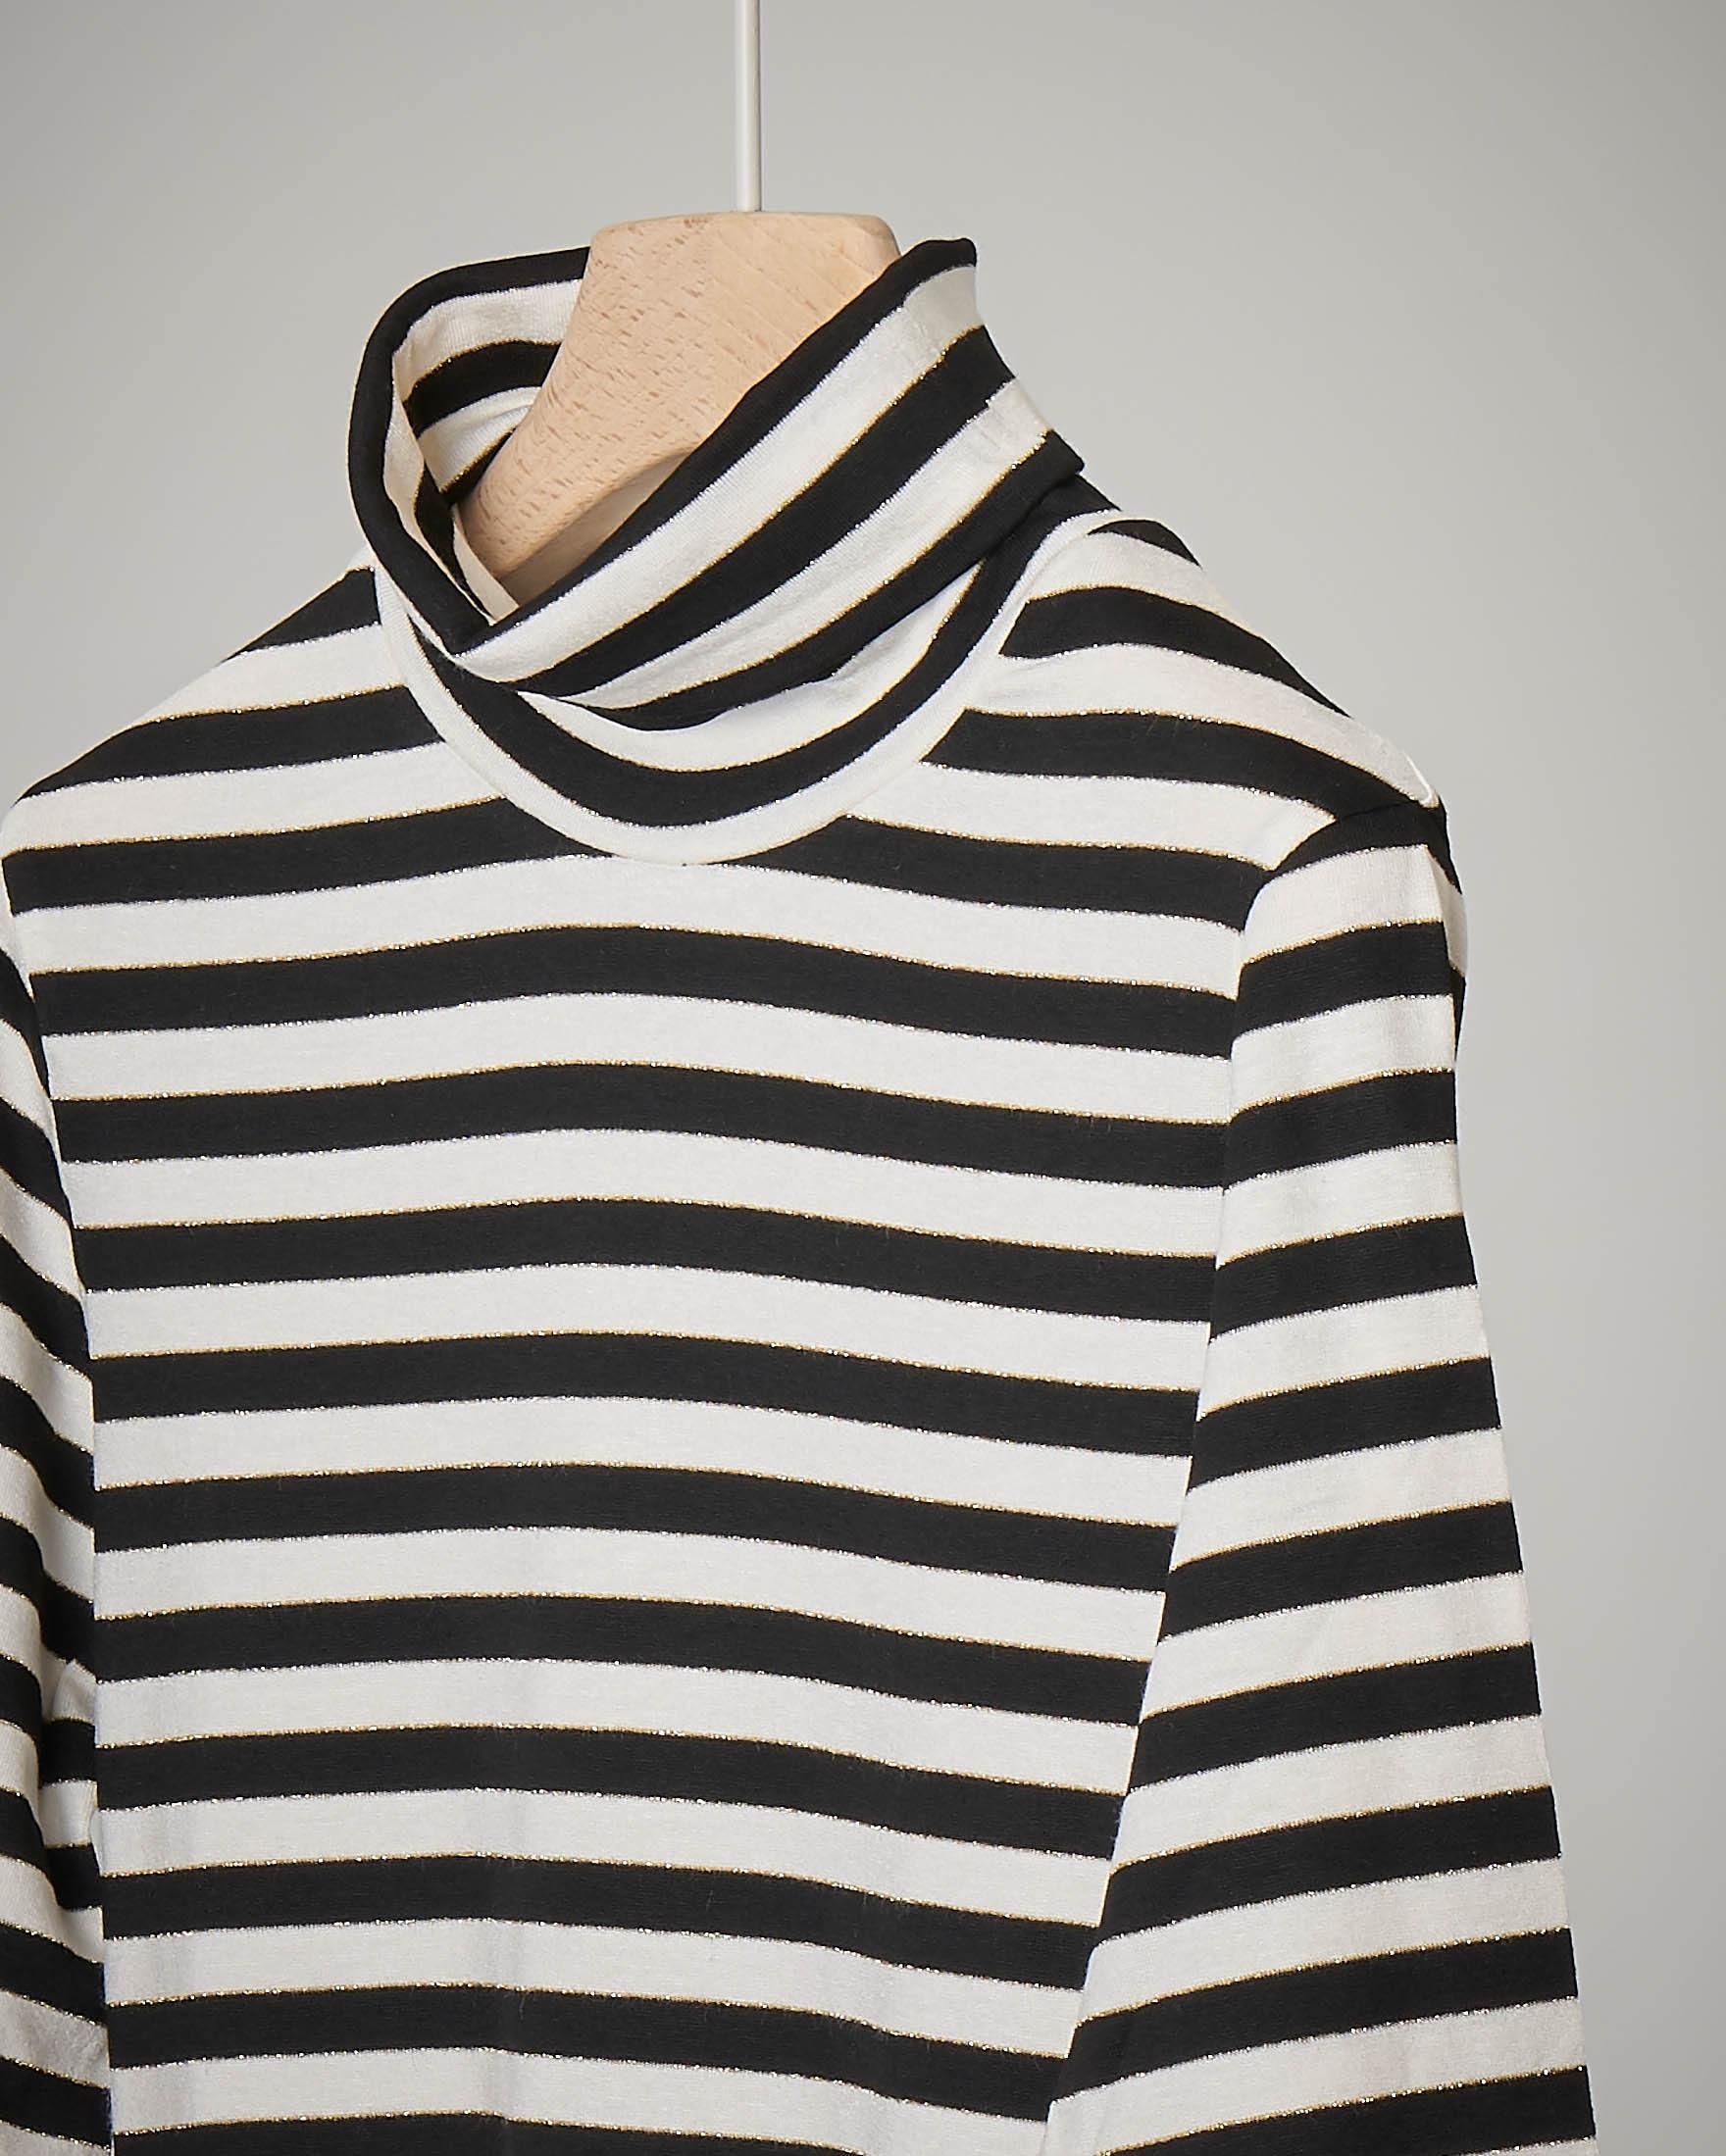 T-shirt a righe bianche e nere con collo alto 32-36